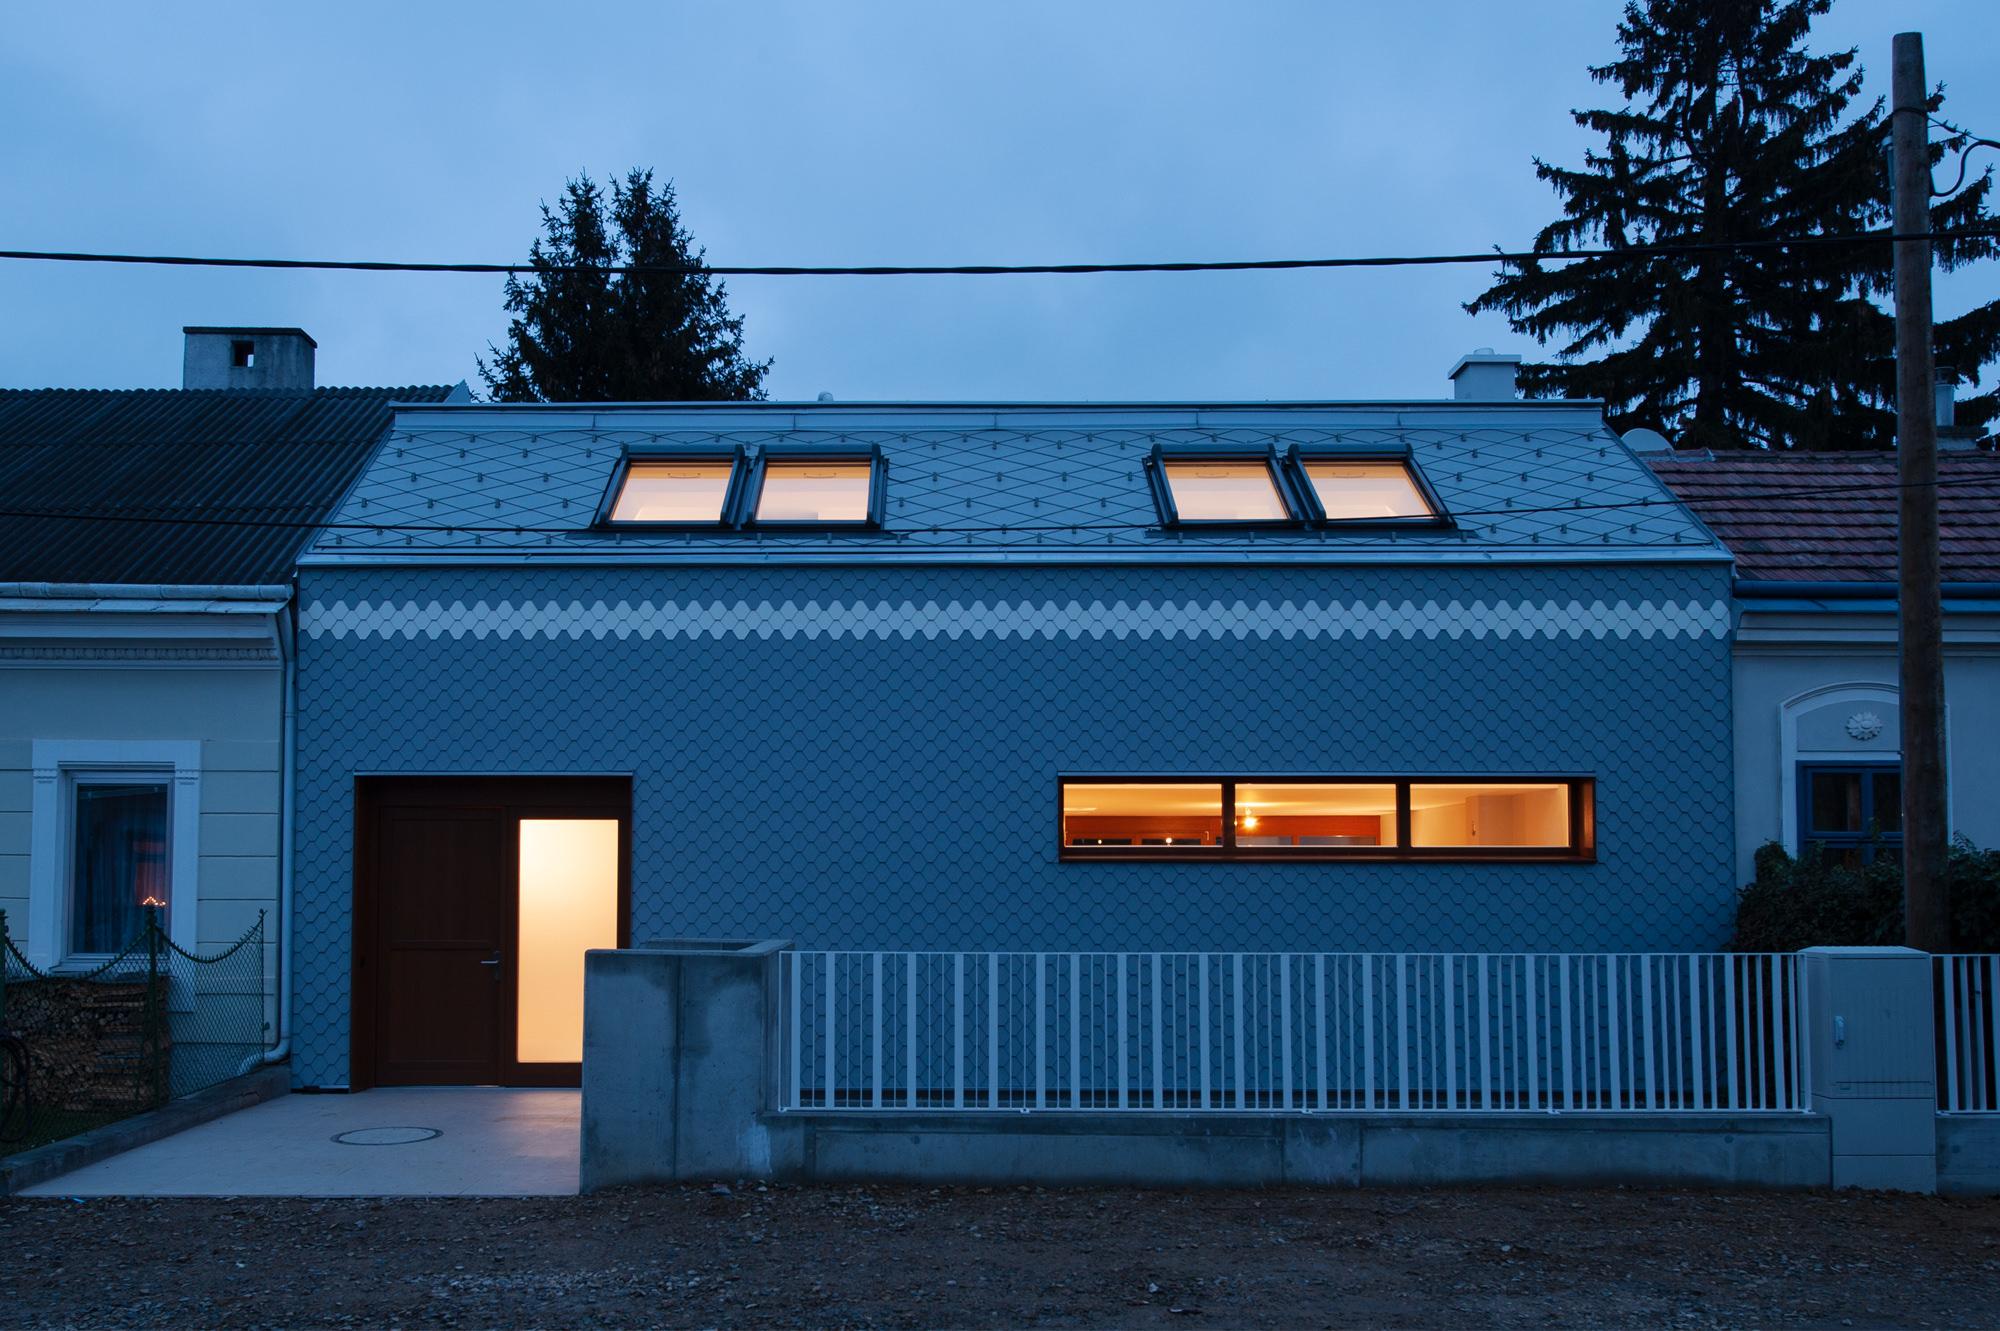 Wochenendhaus Architekt